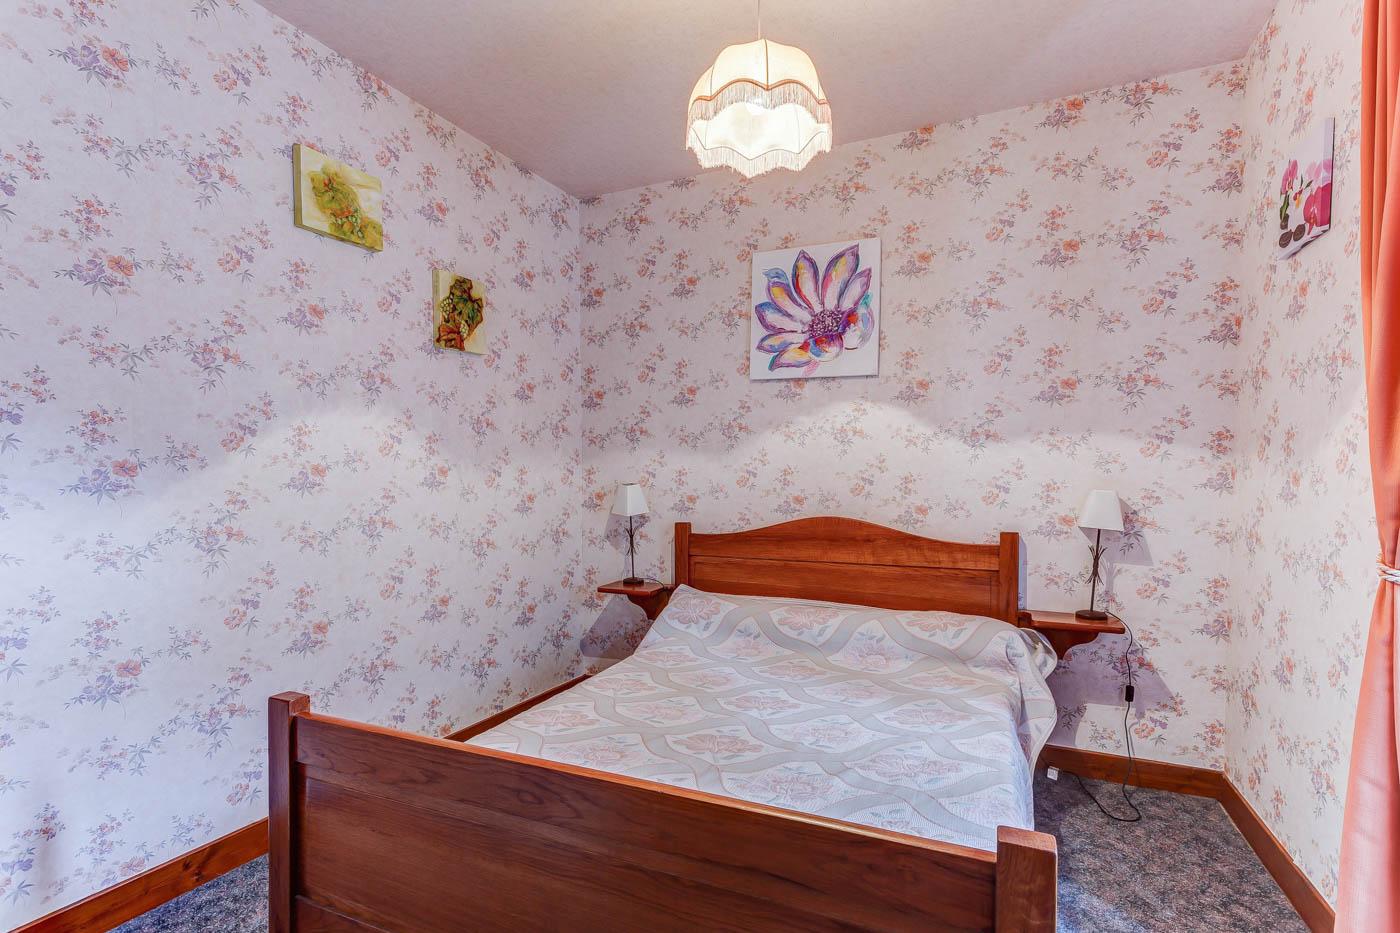 Maison-de-Vacances-La-Croix-du-Notaire-23